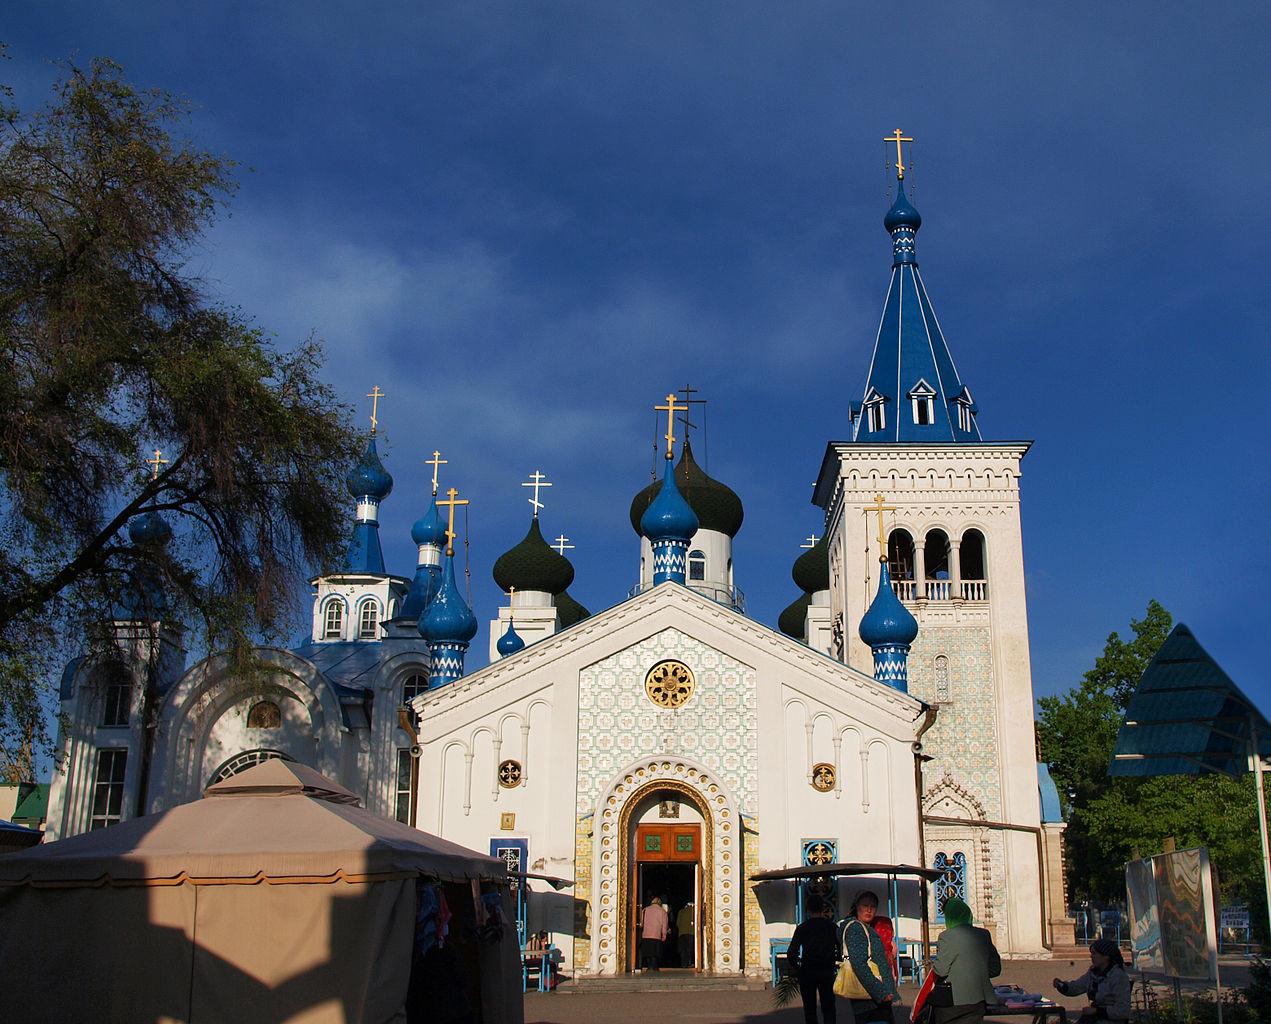 Cattedrale della Resurrezione a Bishkek (allora Frunze), in Kirghizistan (allora Repubblica Socialista Sovietica Kirghiza), costruita nel 1944-47)